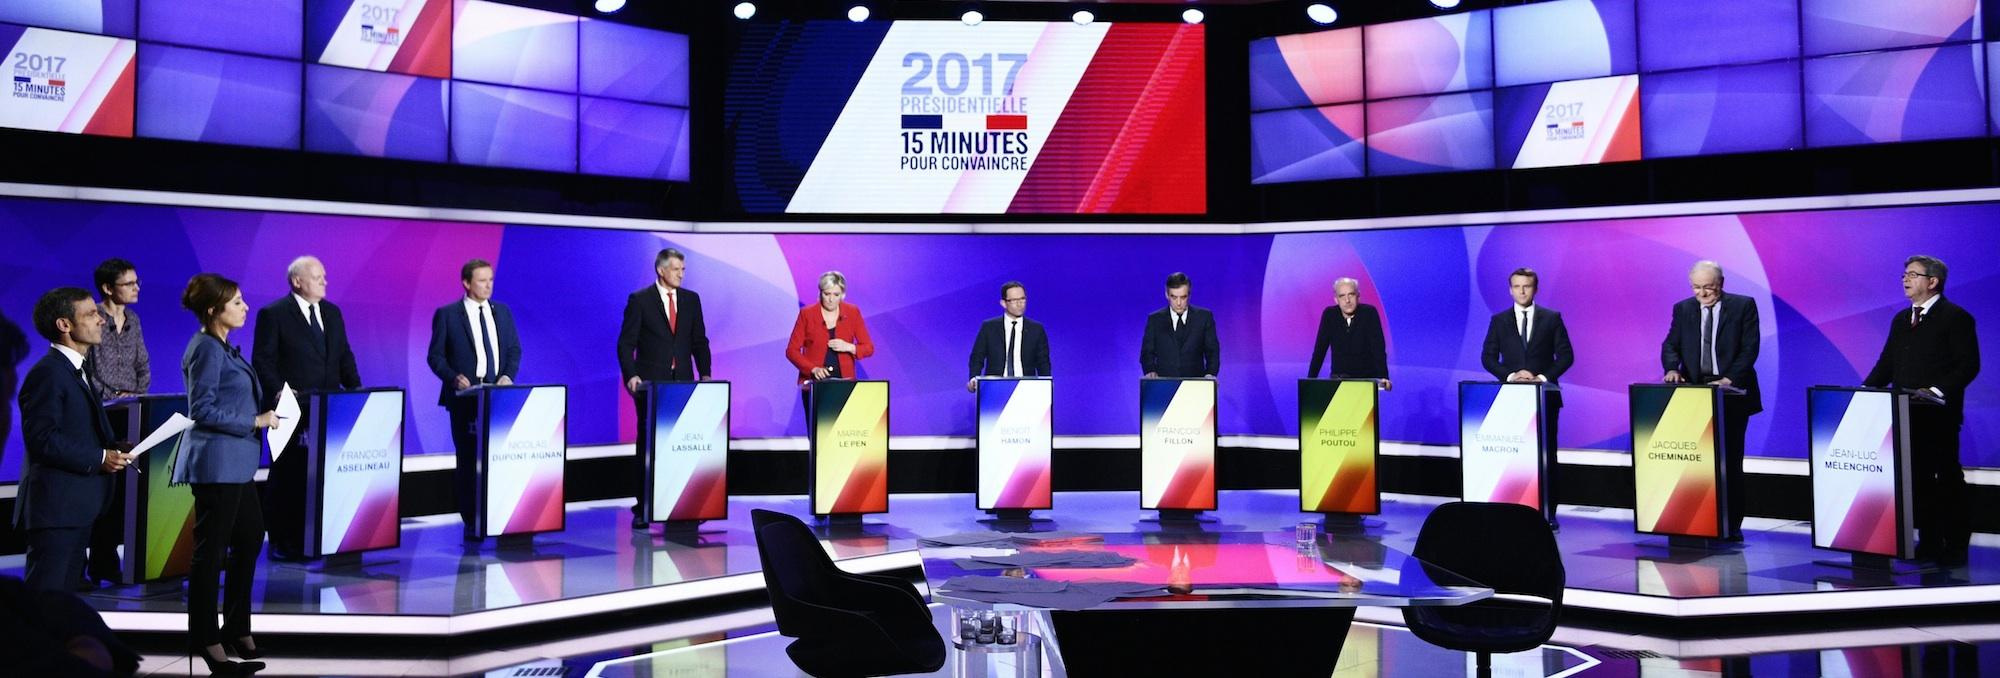 Mélenchon, primero por la derecha, durante su intervención en el programa '15 minutos para convencer' que reunió ayer a los 11 candidatos a las presidenciales francesas